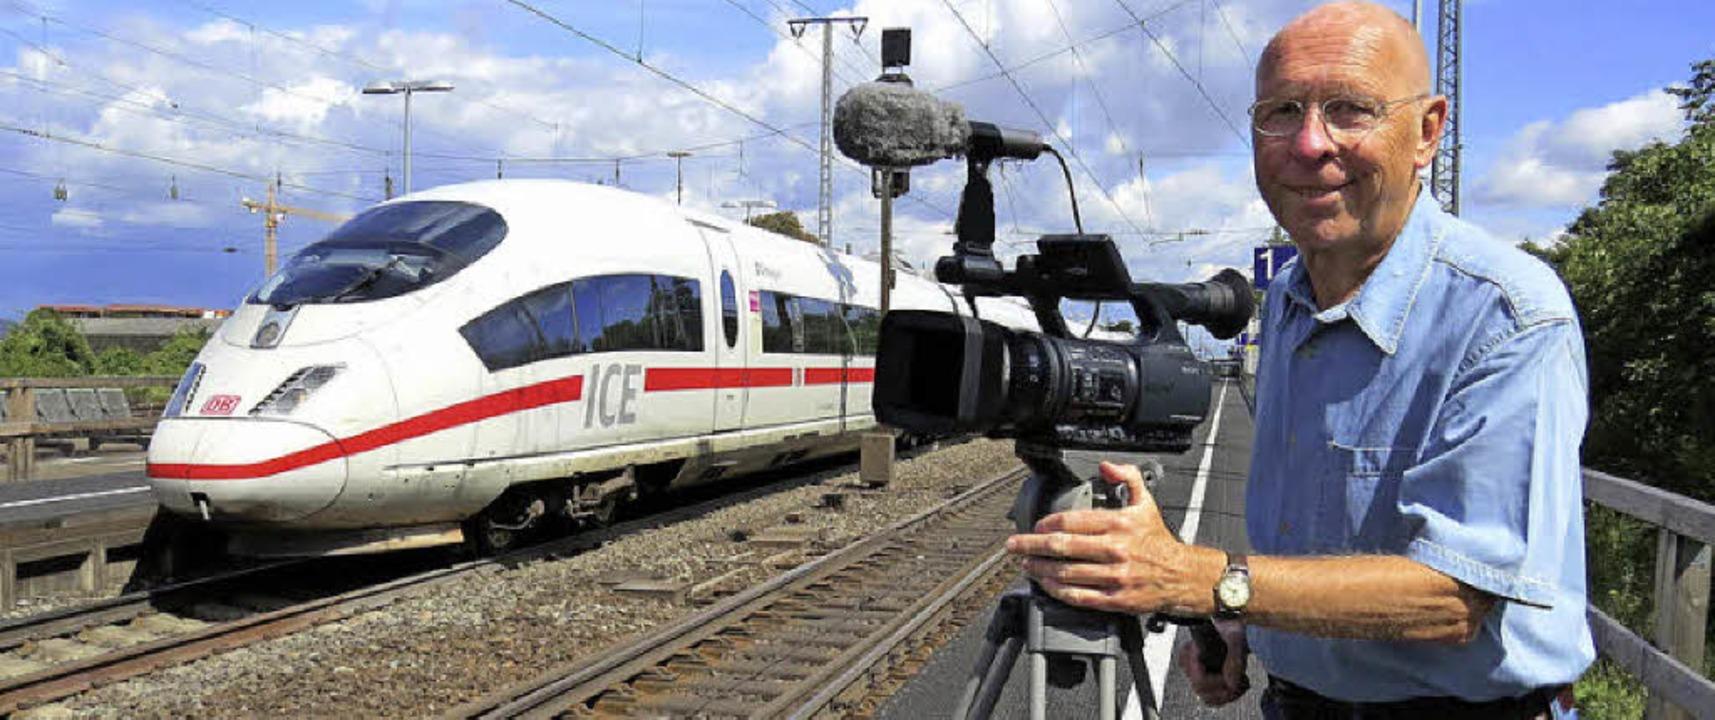 Heinz Göttlich beim Filmen   | Foto: privat